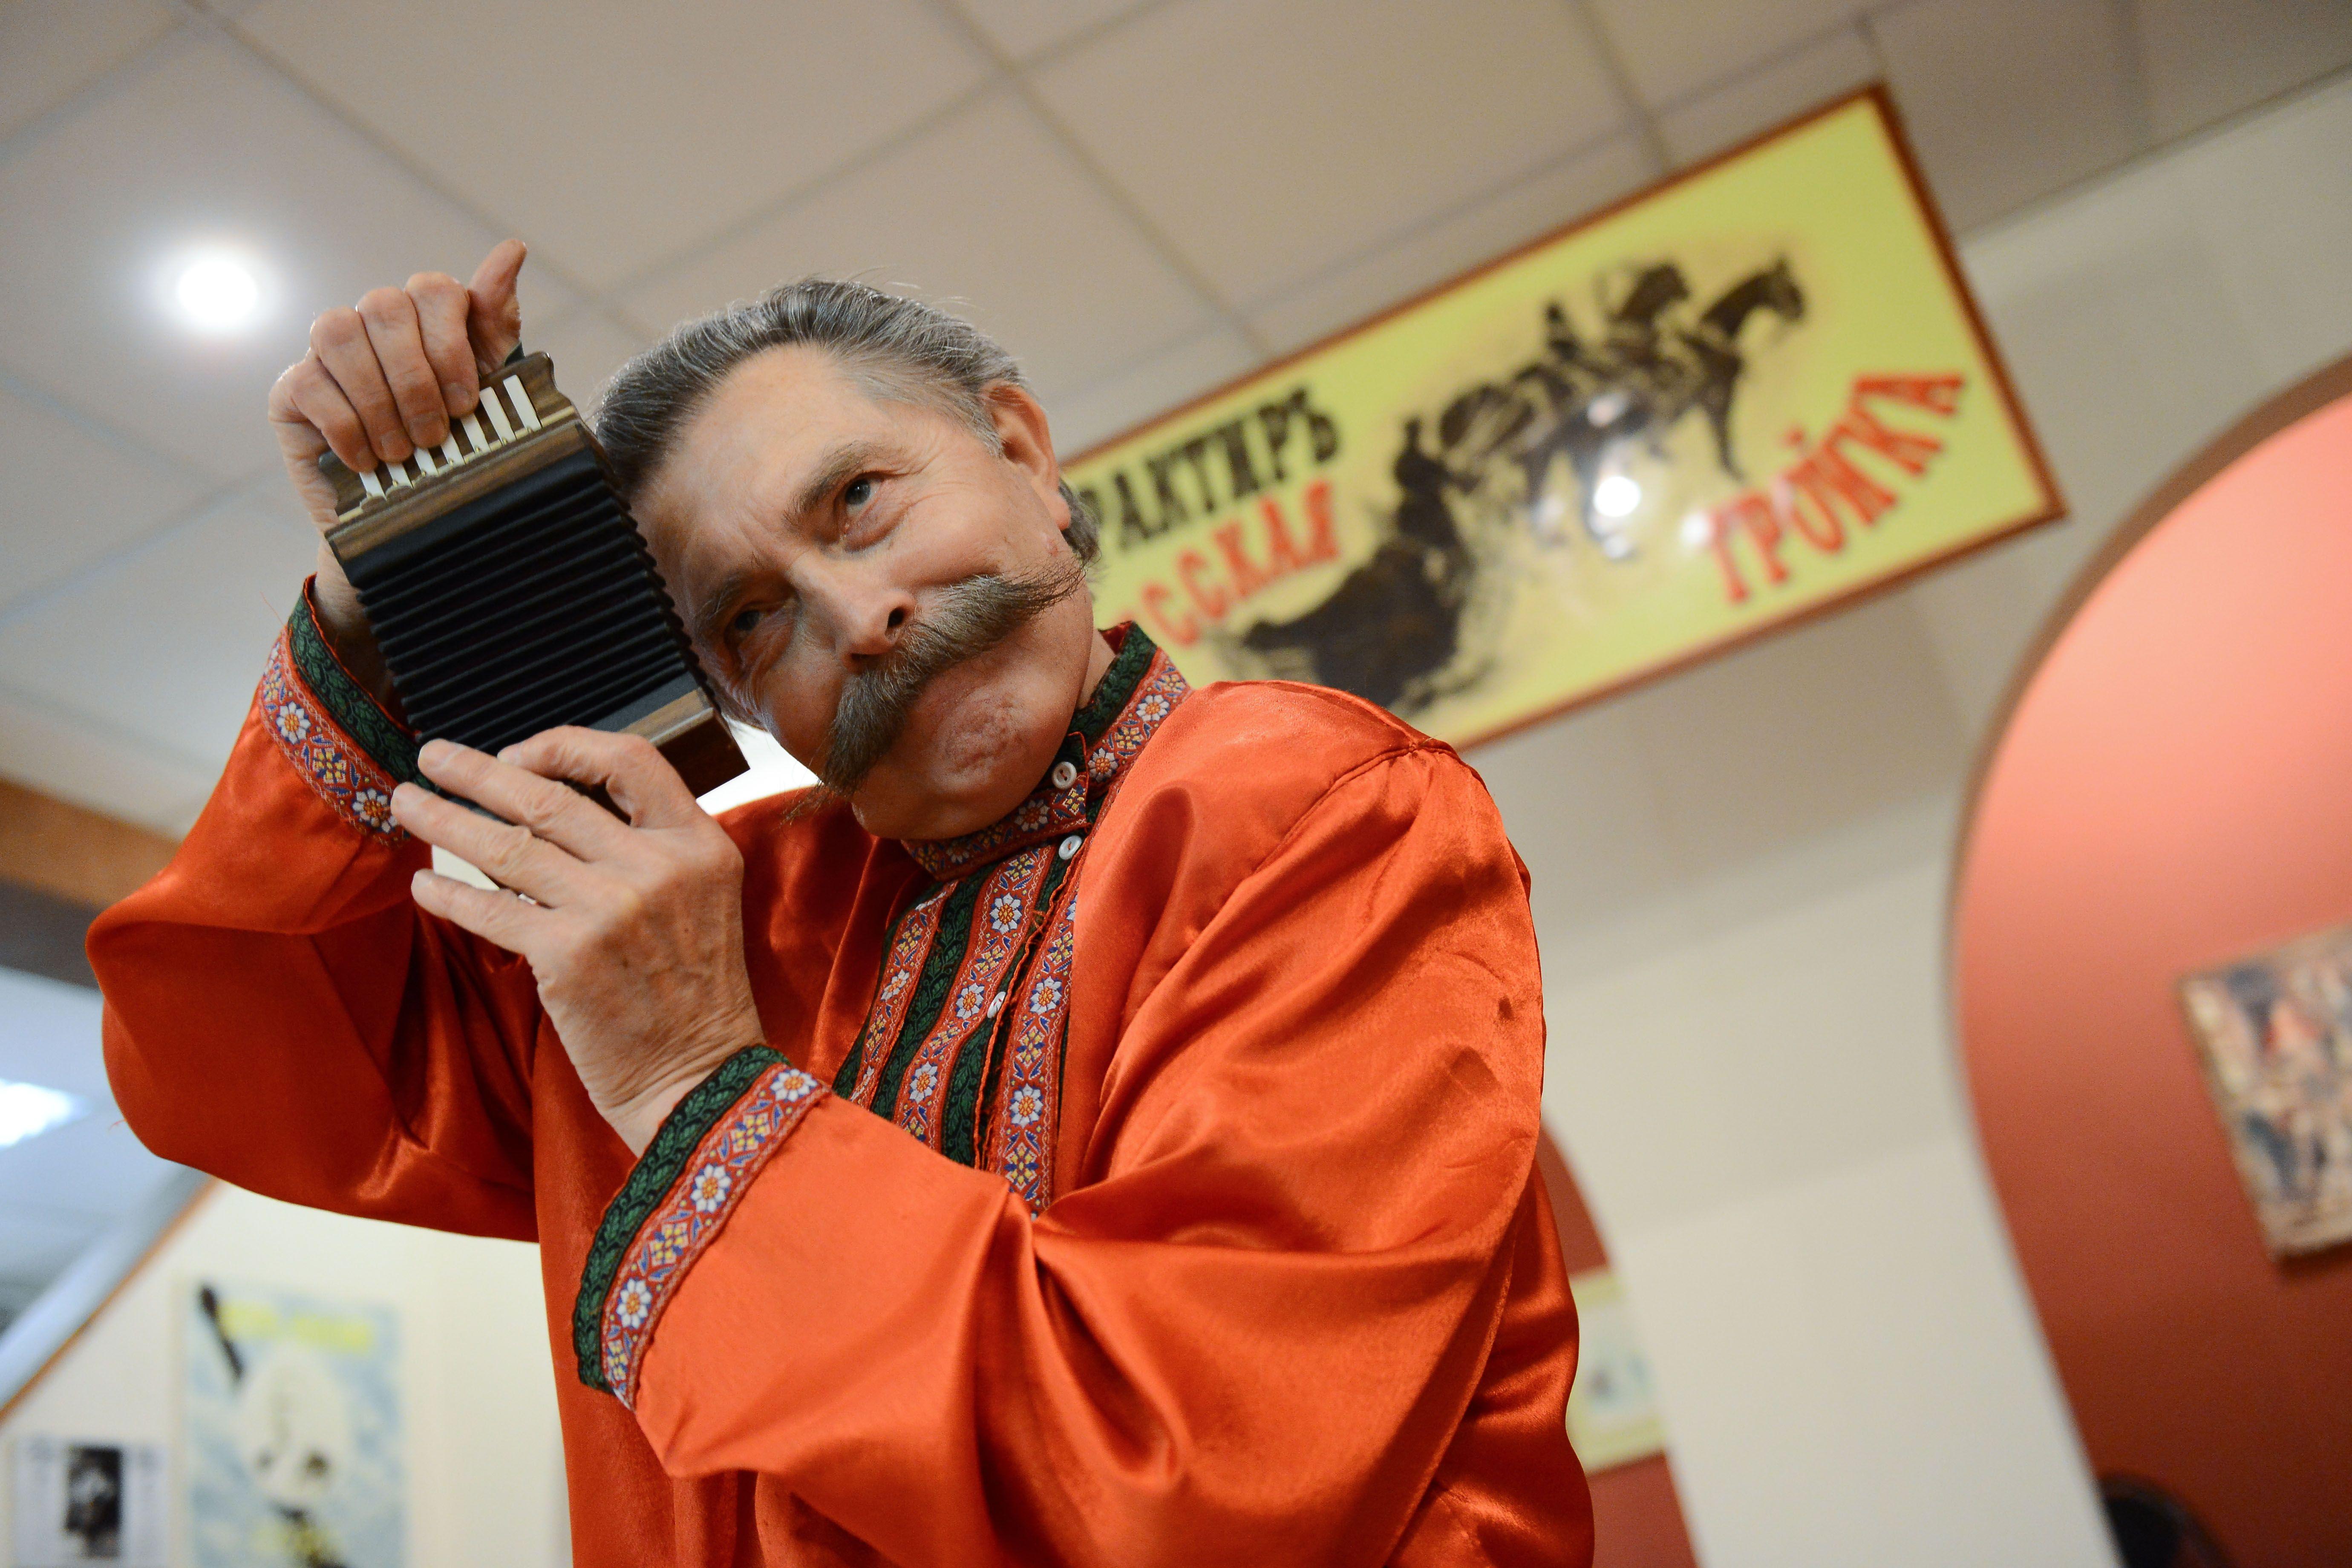 Любители музыки из Рязановского смогут научиться играть на гармони